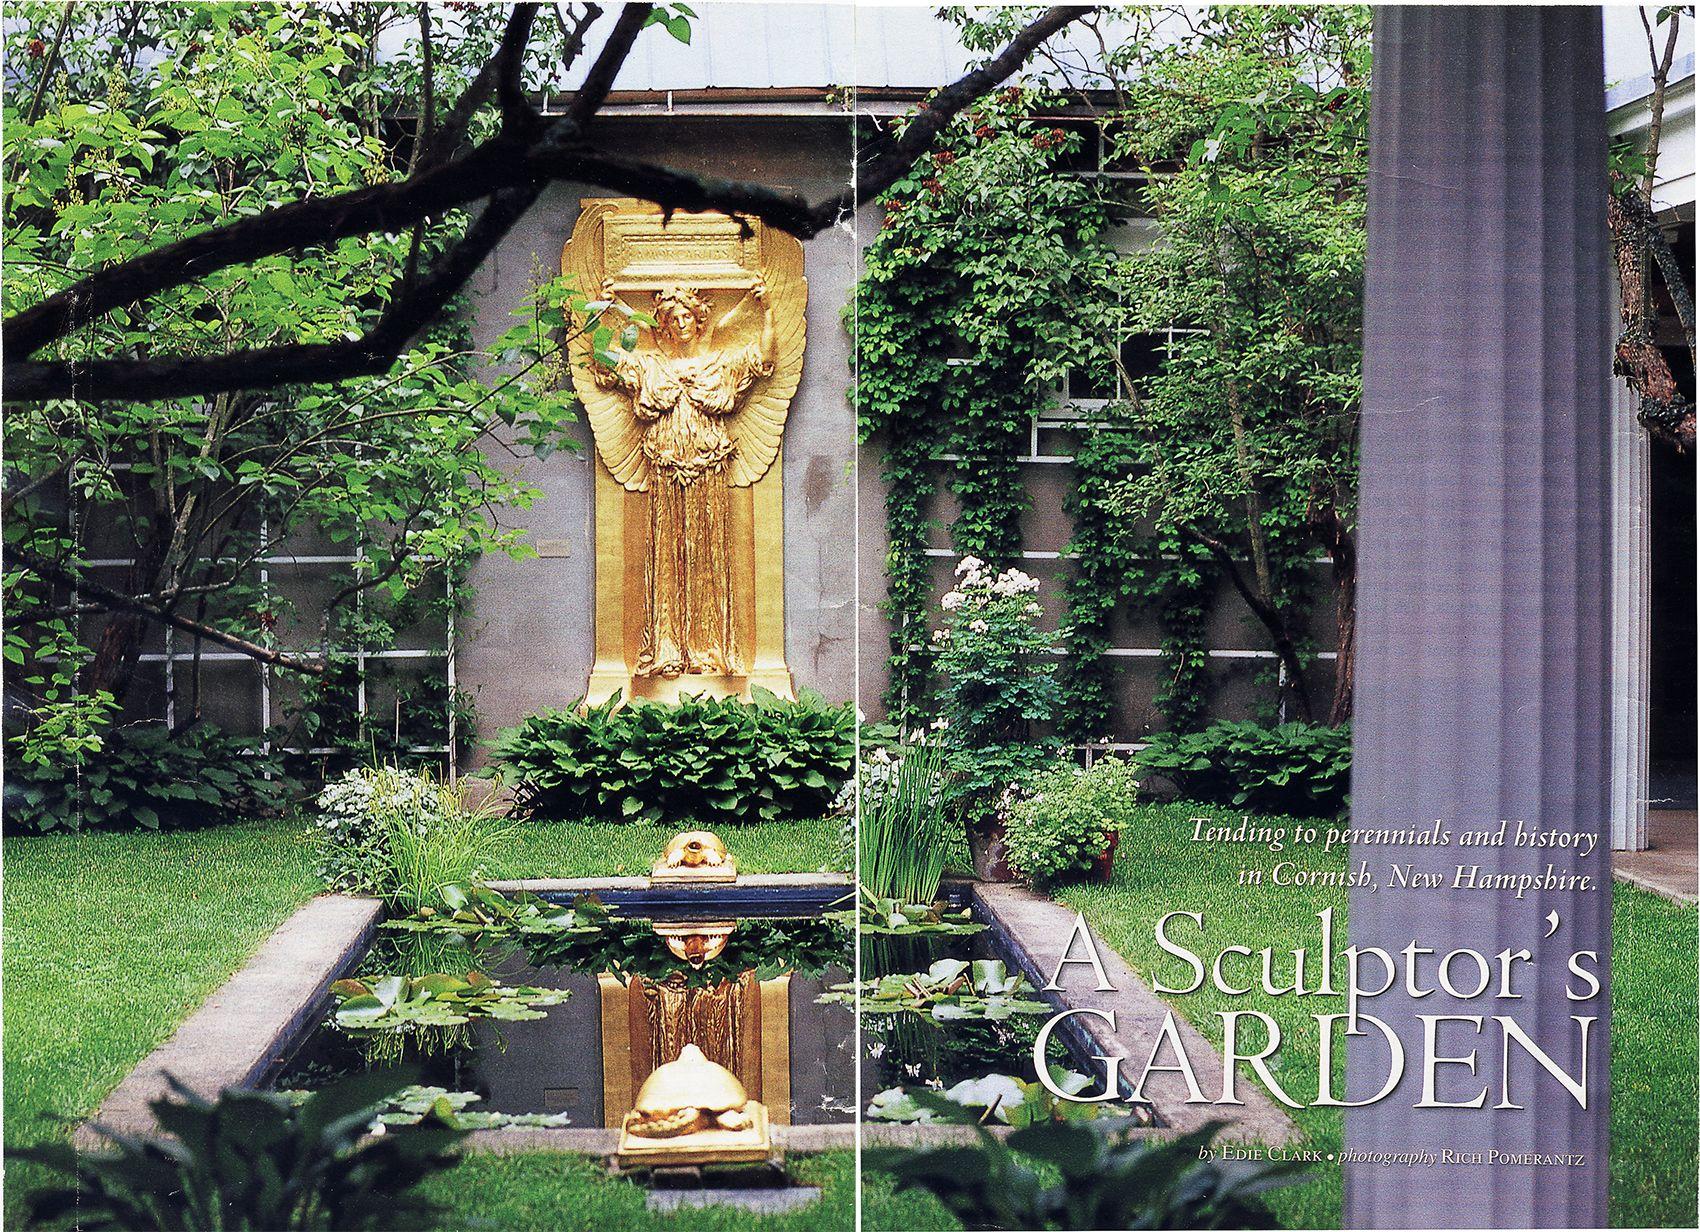 ASculptorsGarden.jpg